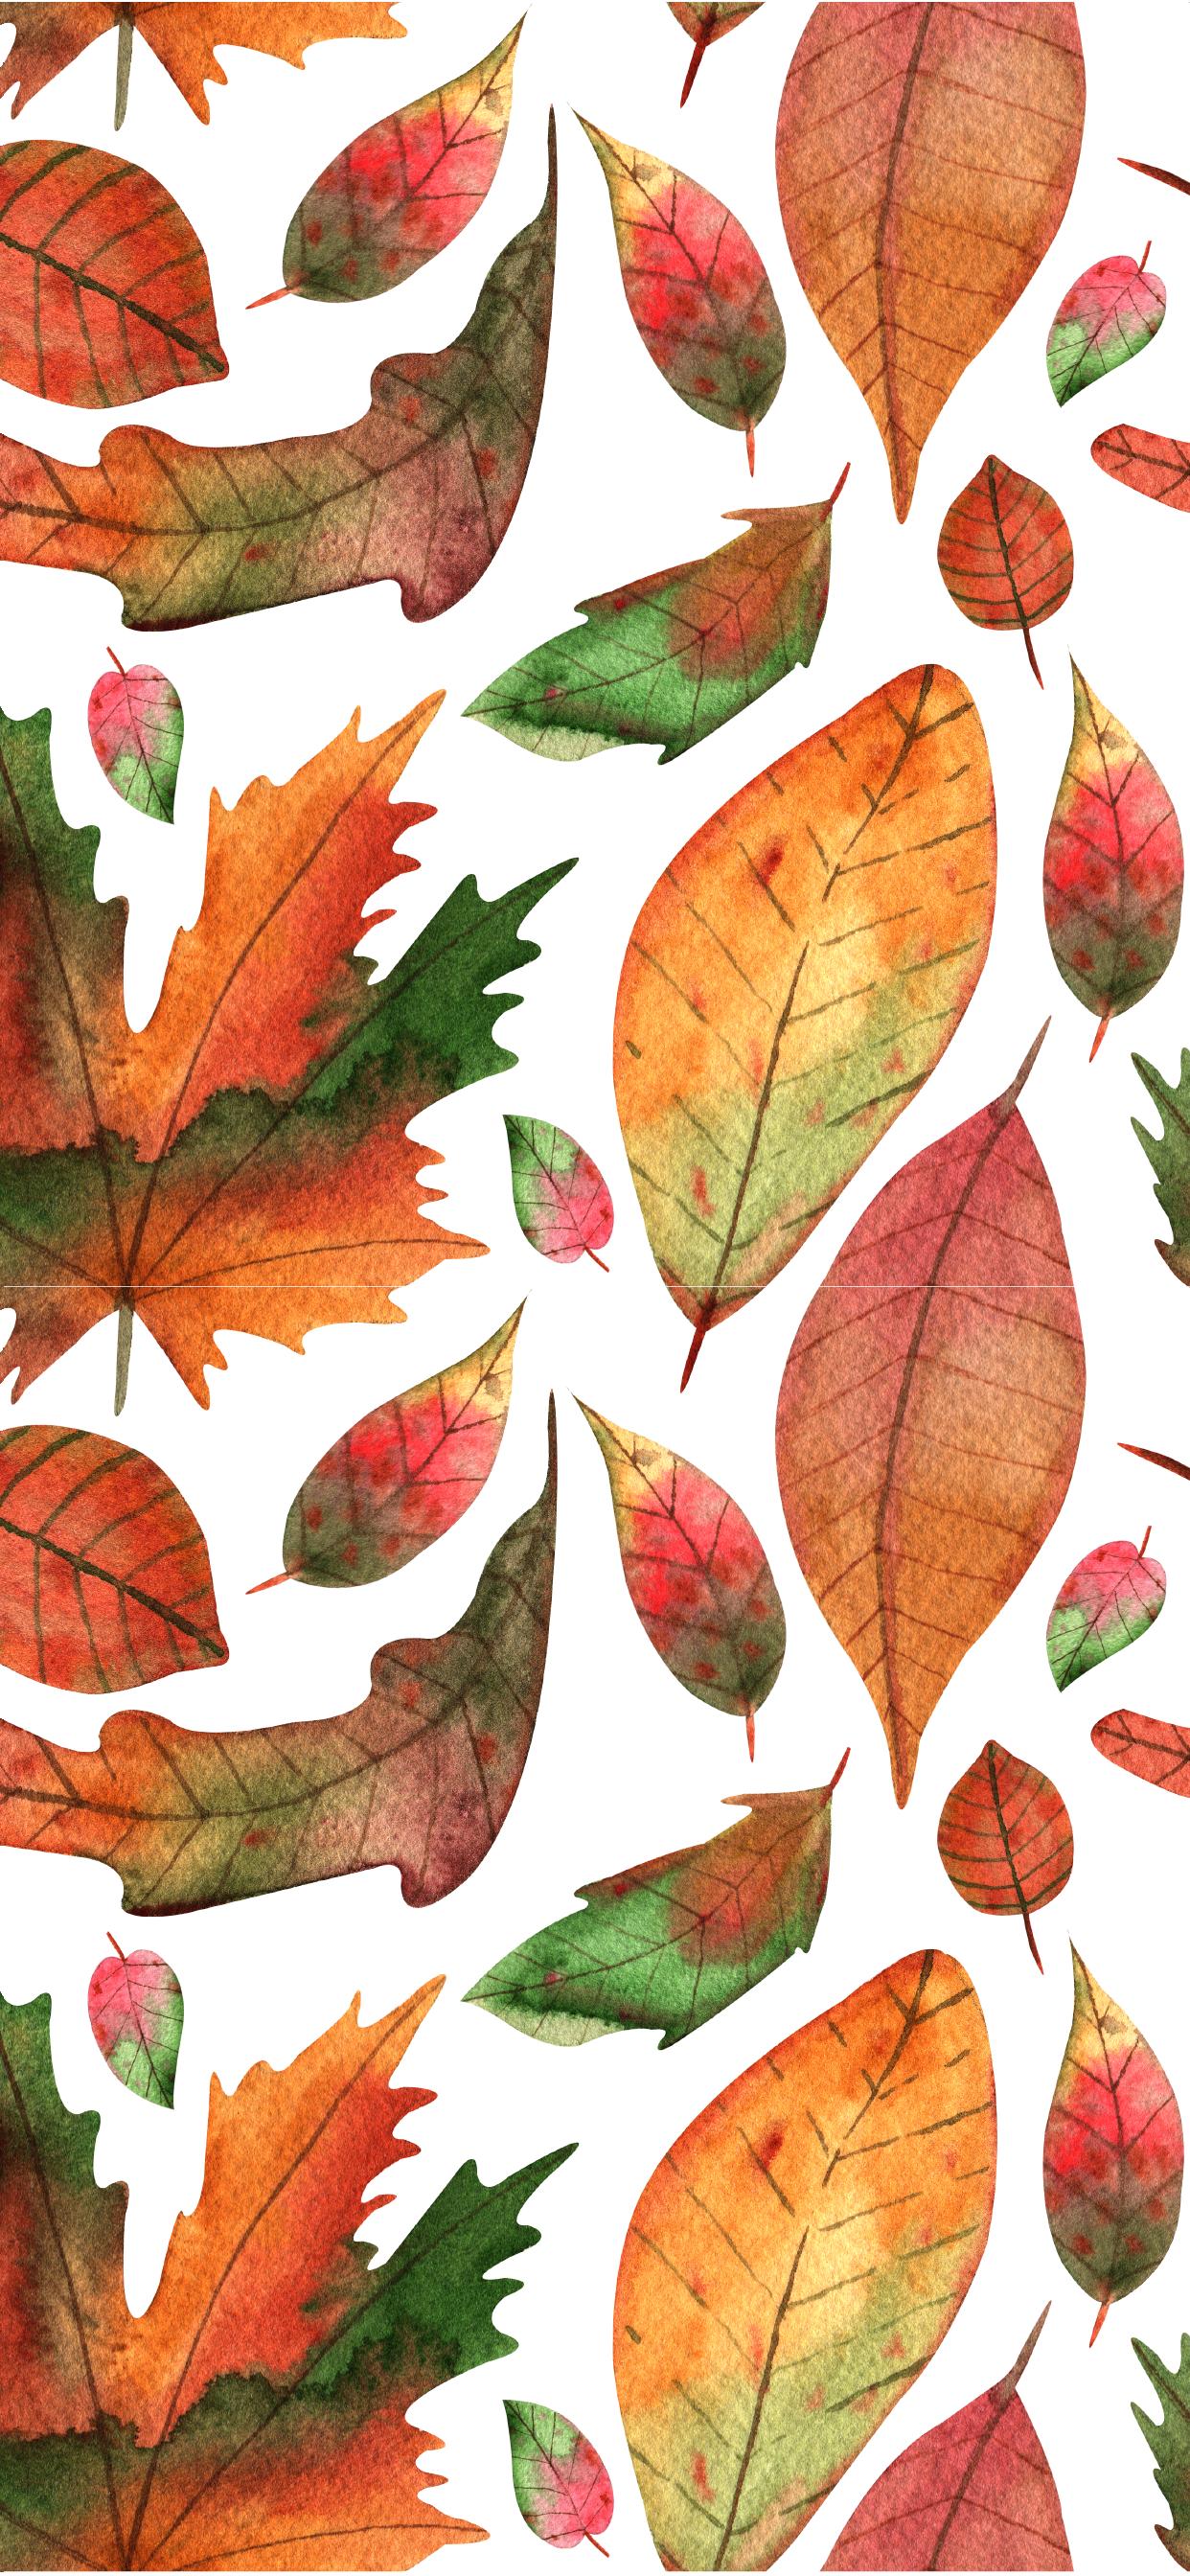 Autumn Autumn Iphone Wallpaper